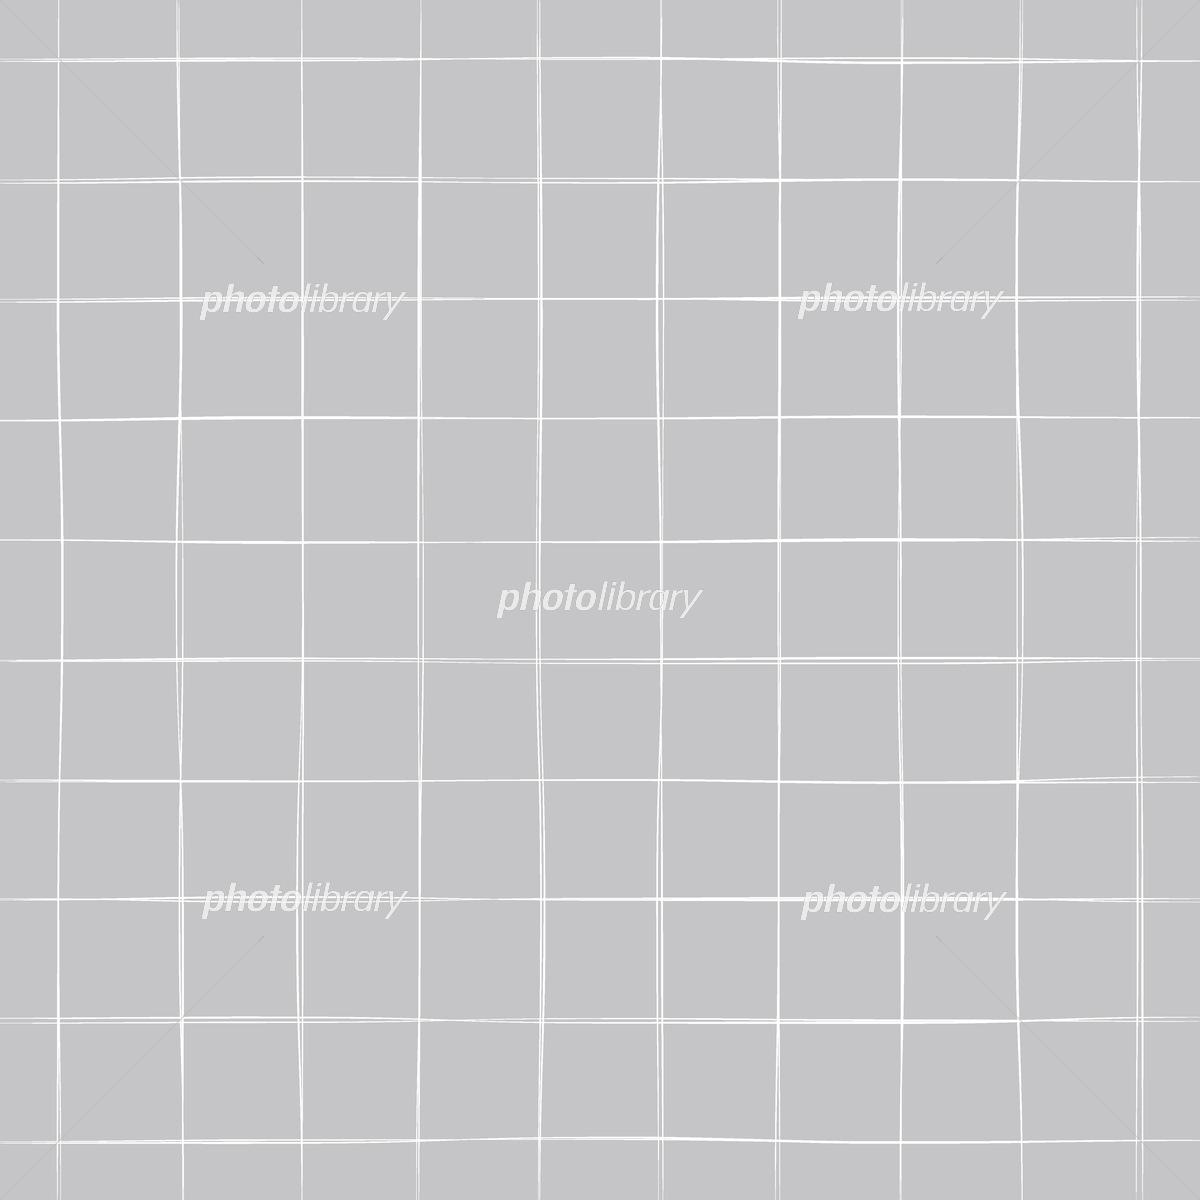 フリーハンドで書いたチェック柄の背景素材 イラスト素材 フォトライブラリー Photolibrary